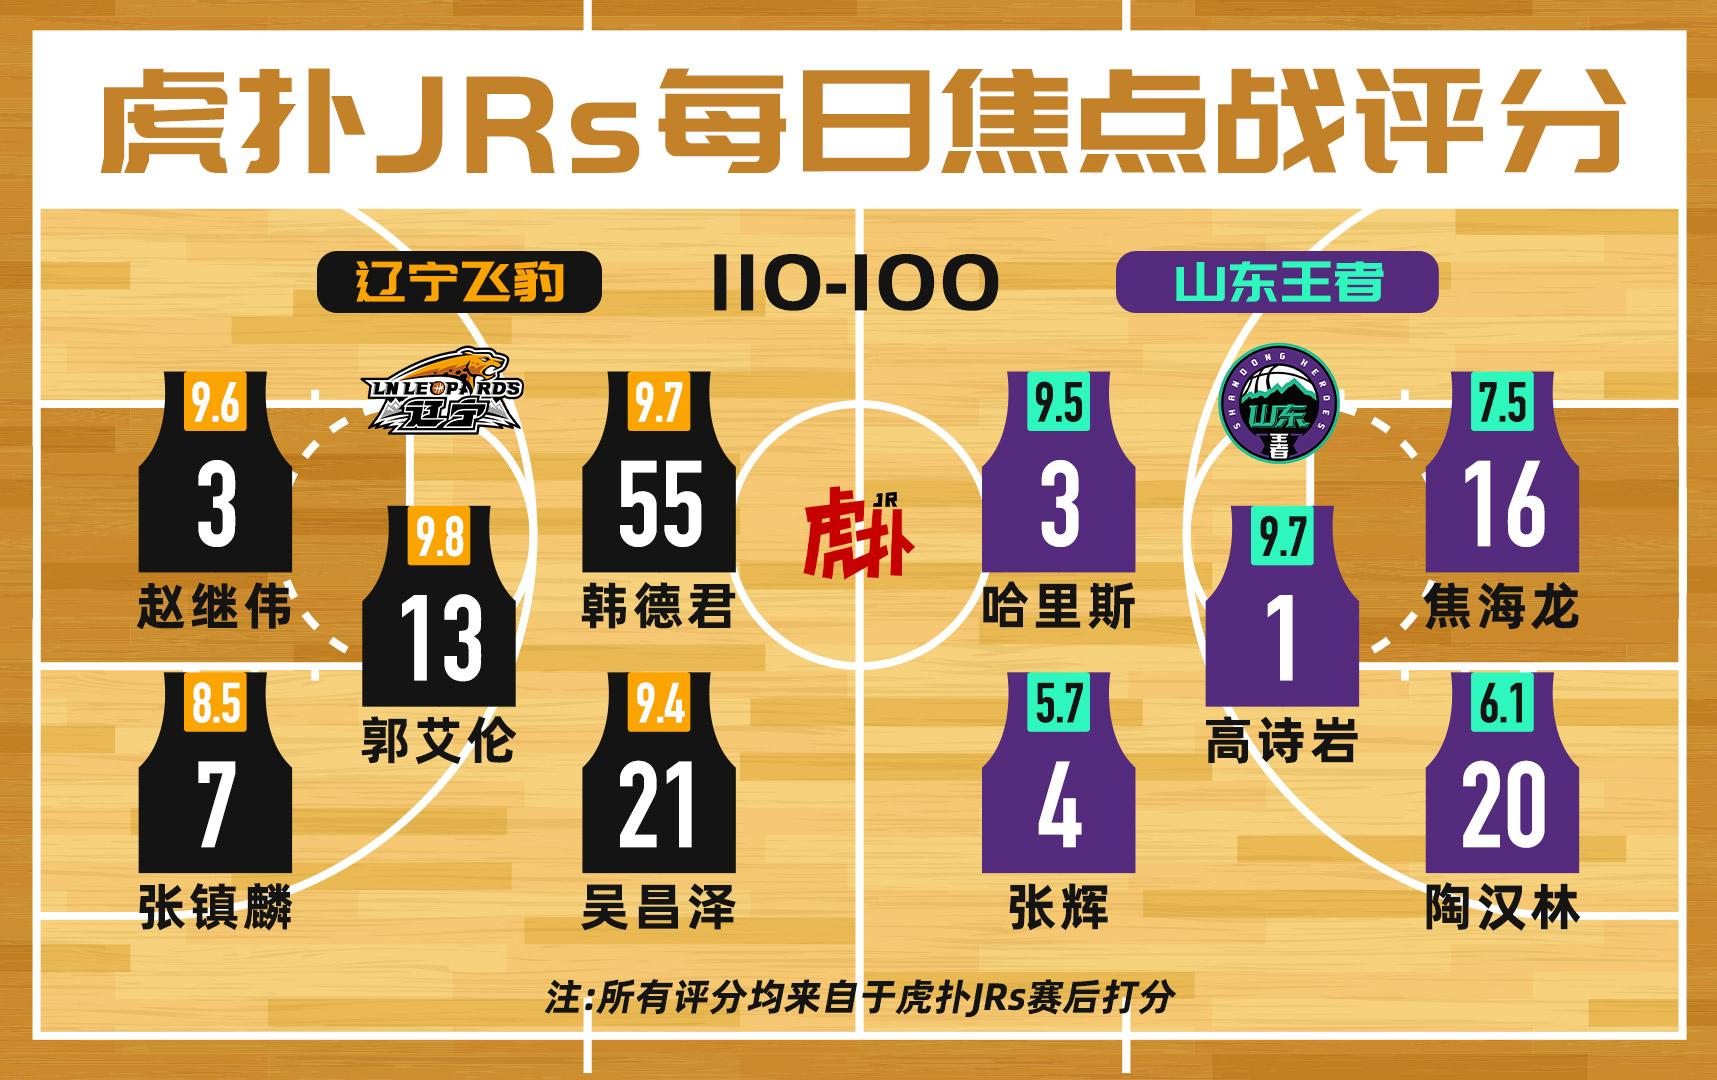 JRs焦点战评分:辽宁队郭艾伦9.8分,山东张辉5.7分